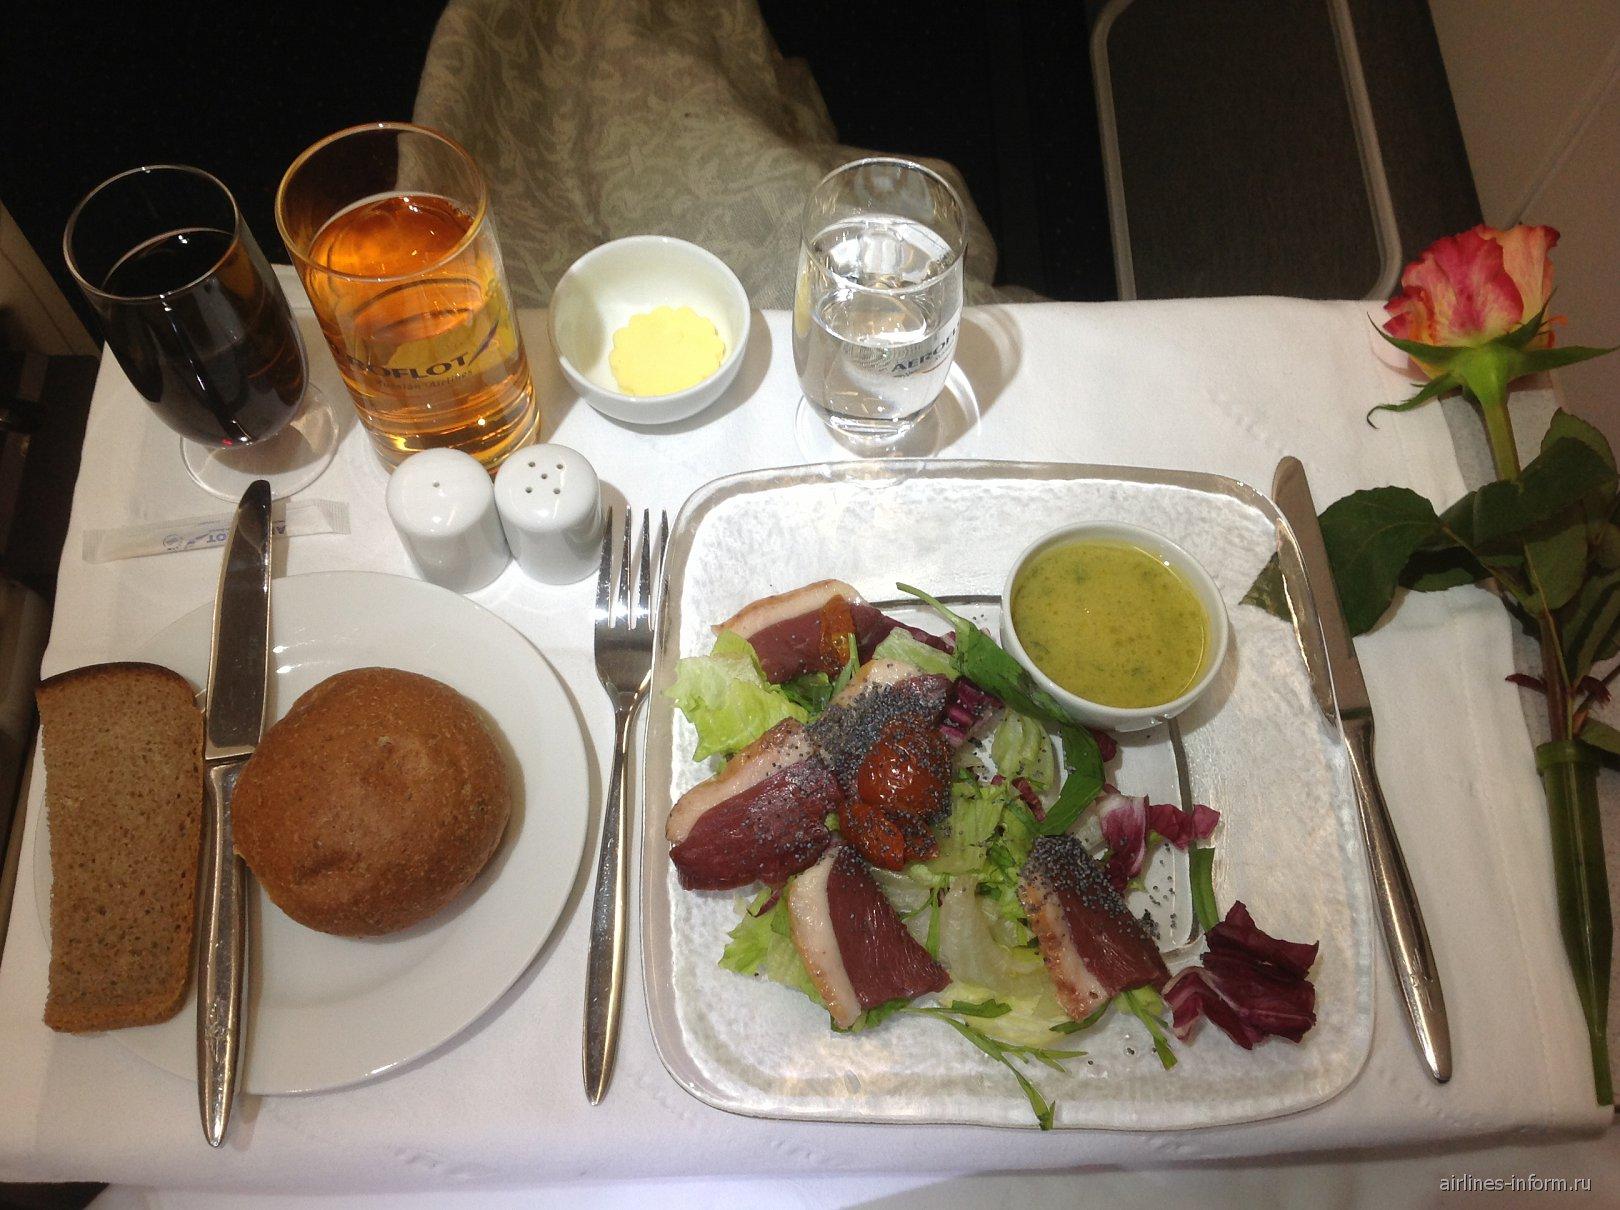 Холодные закуски в бизнес-классе на рейсе Аэрофлота Москва-Владивосток